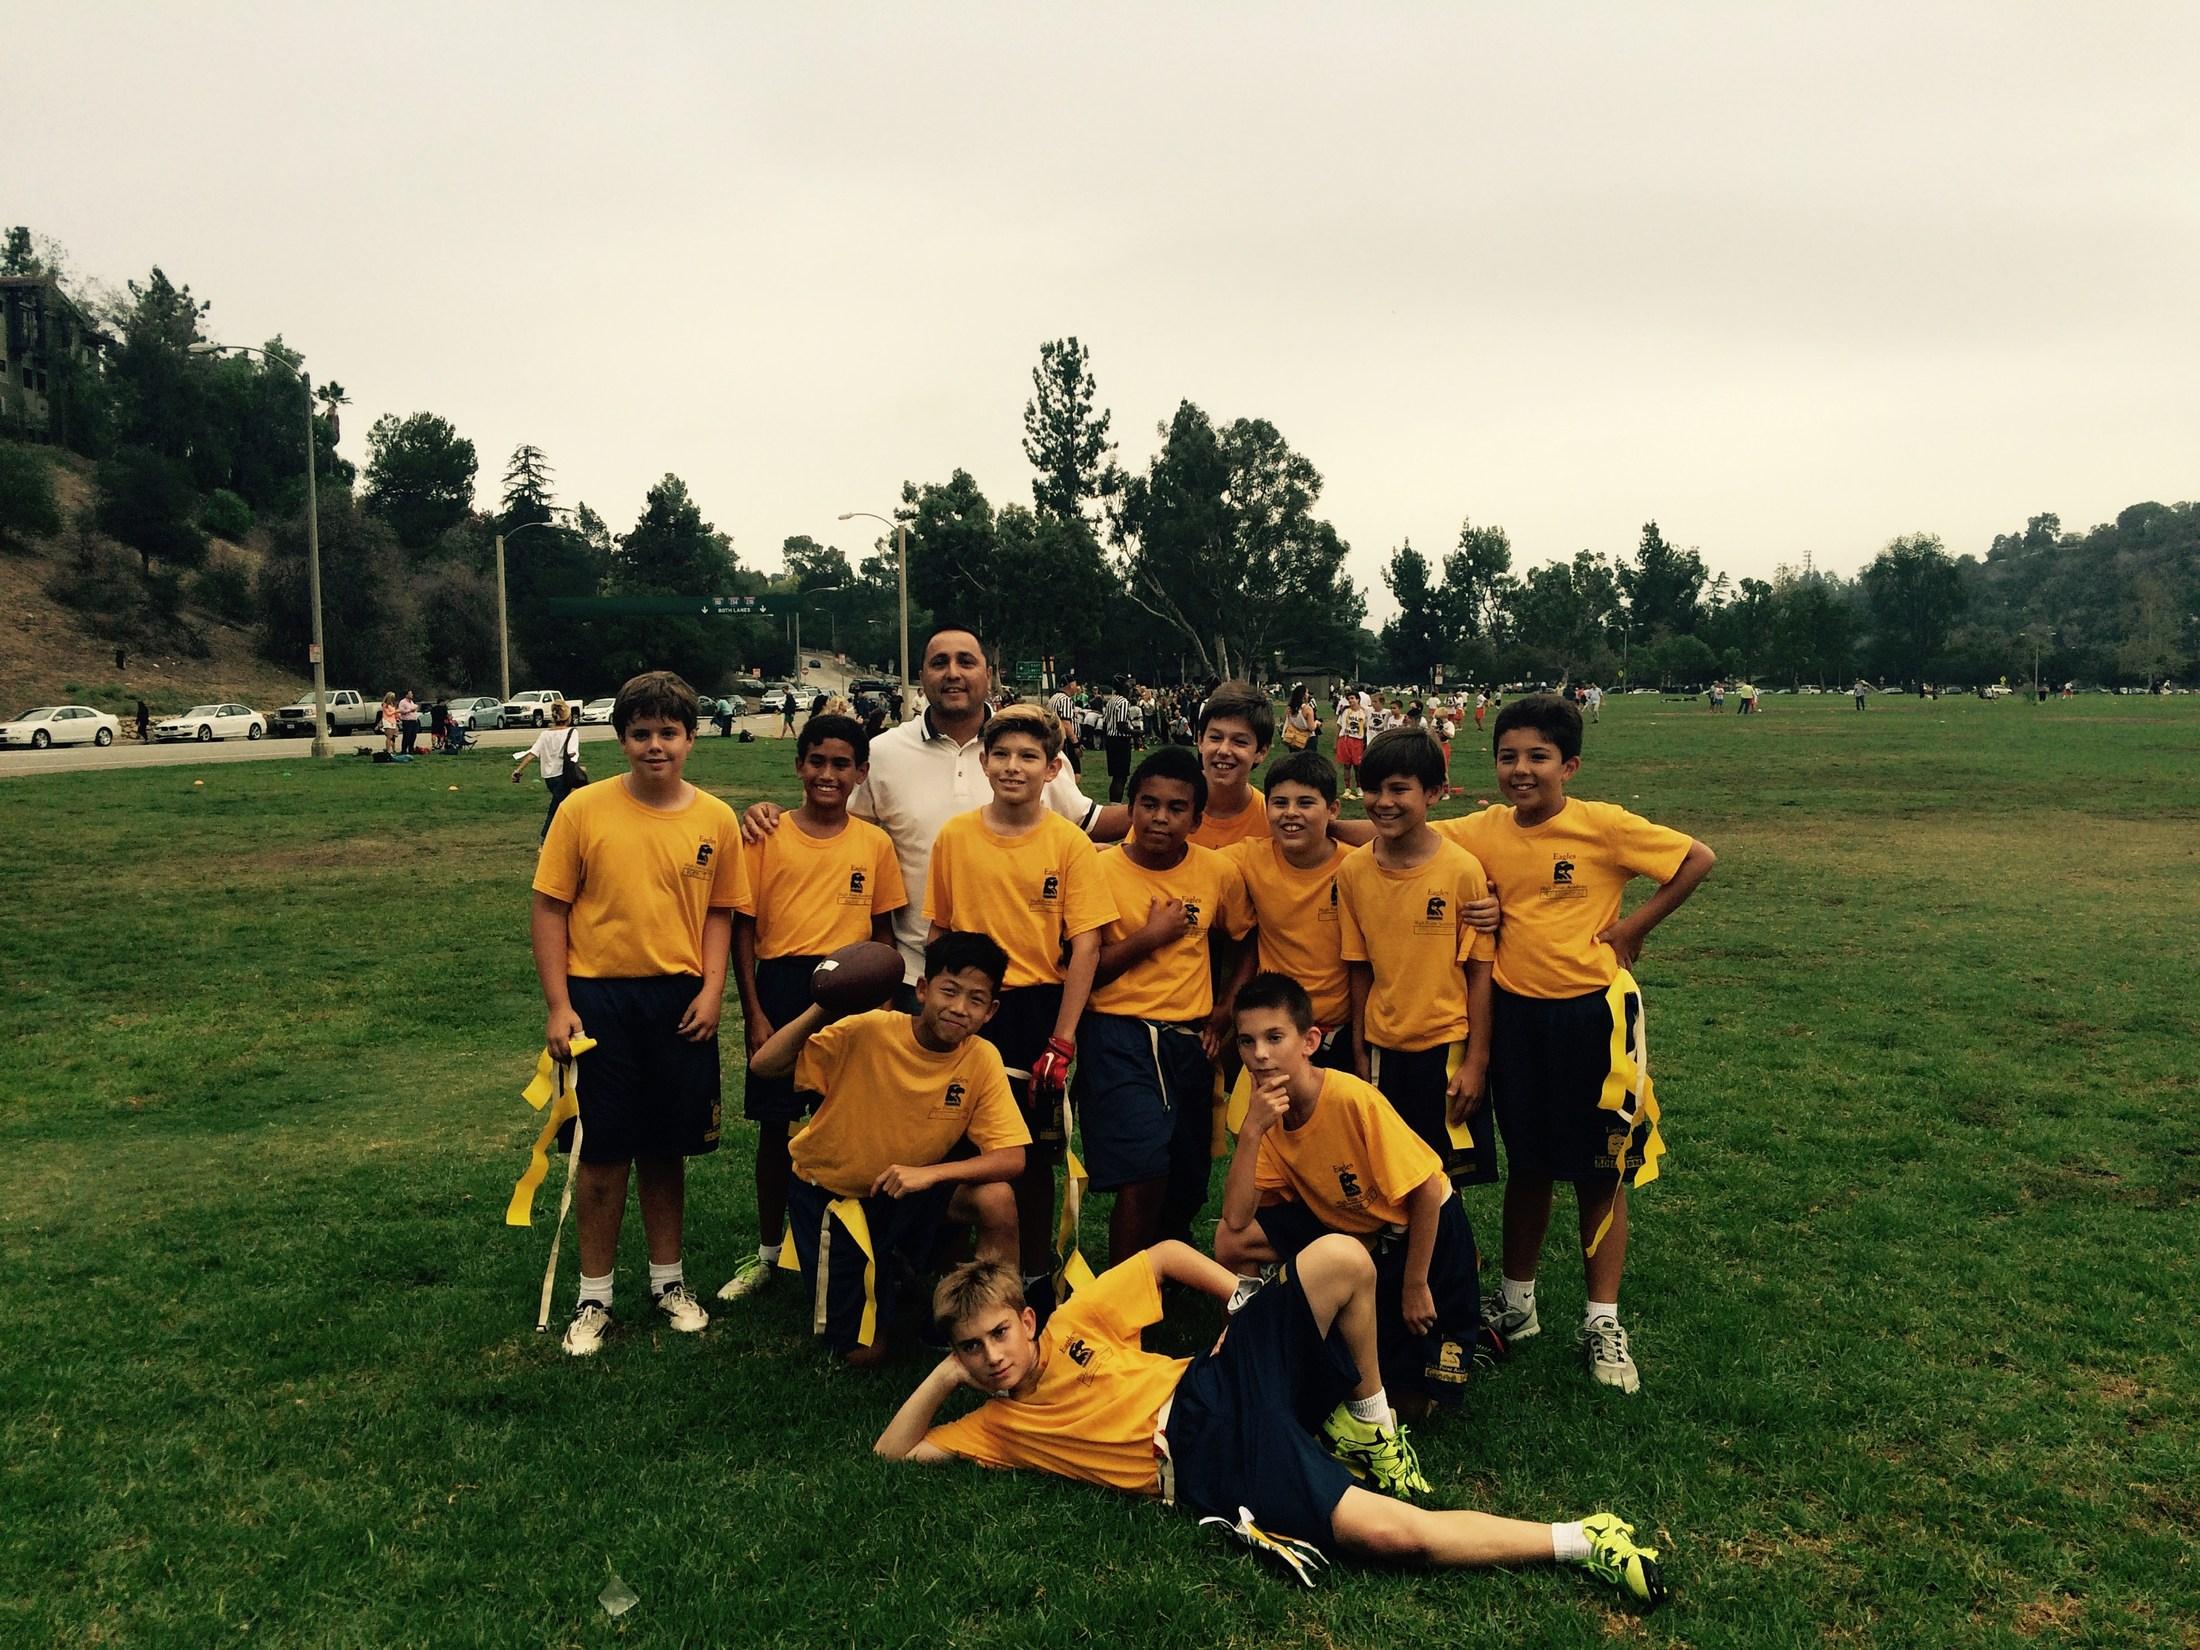 Boys flag football team